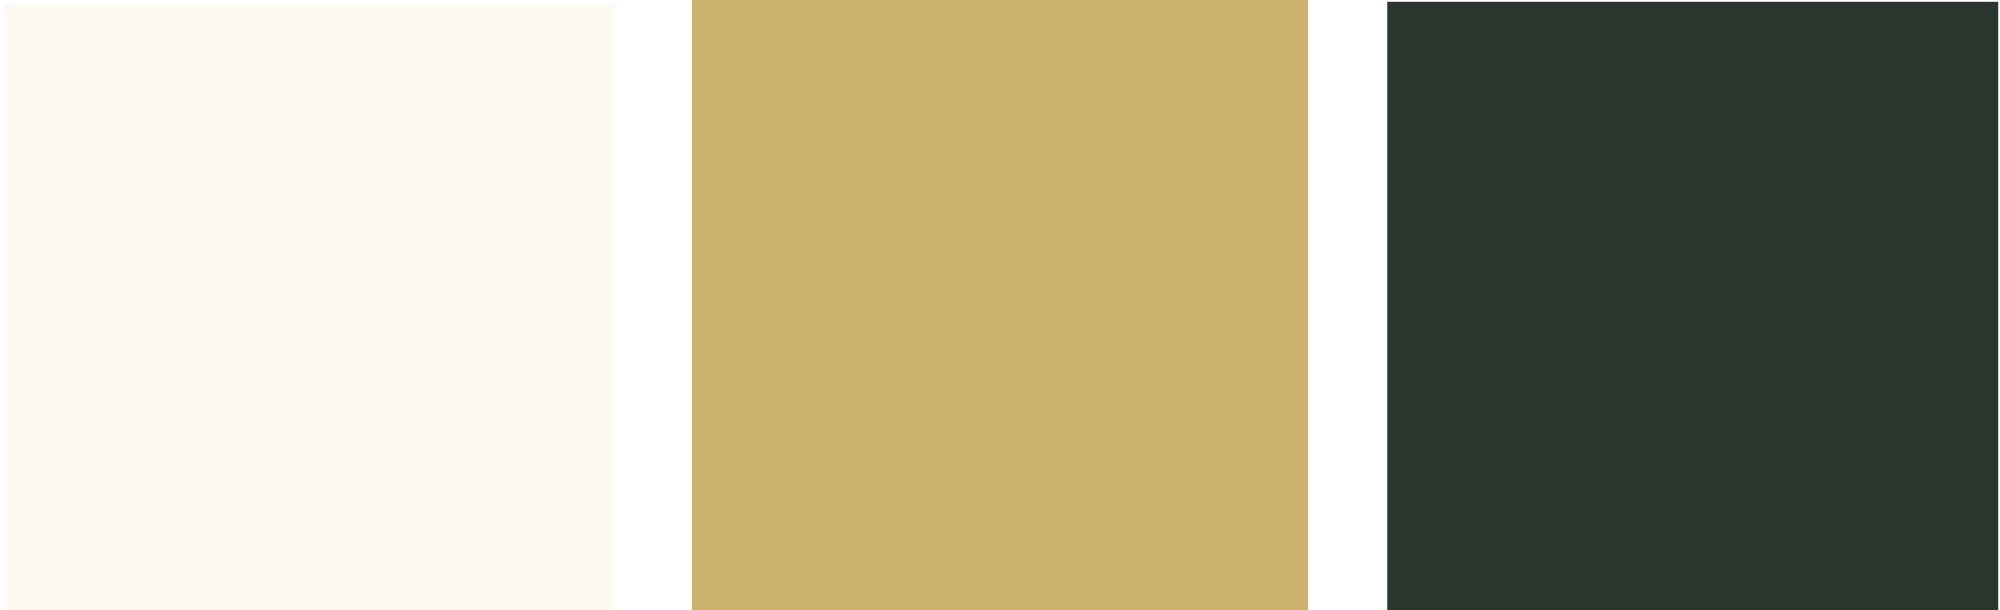 Hollands kleurenpalet